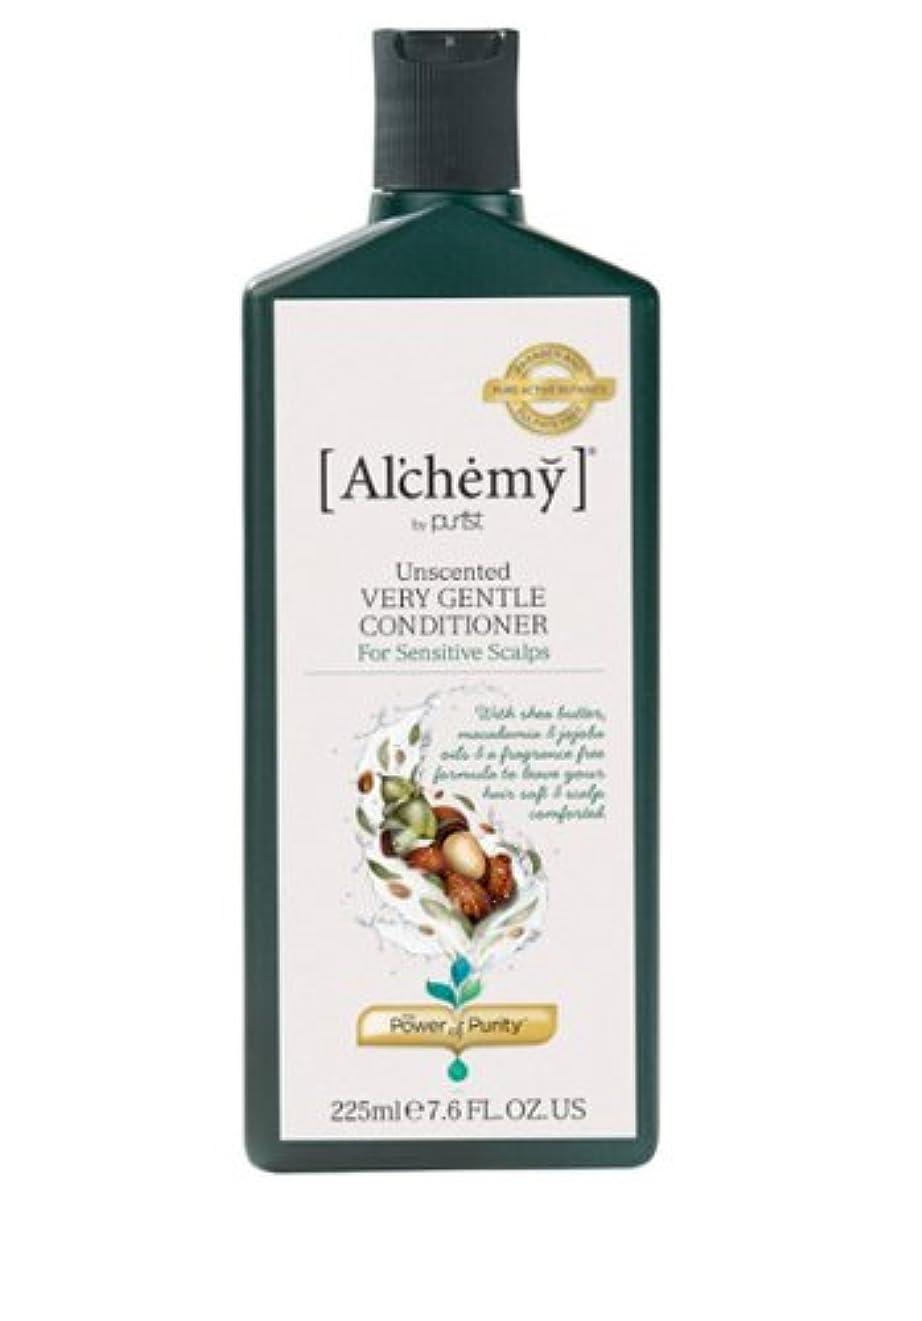 【Al'chemy(alchemy)】アルケミー ベリージェントルコンディショナー(Unscented Very Gentle Conditioner)(敏感肌用)225ml